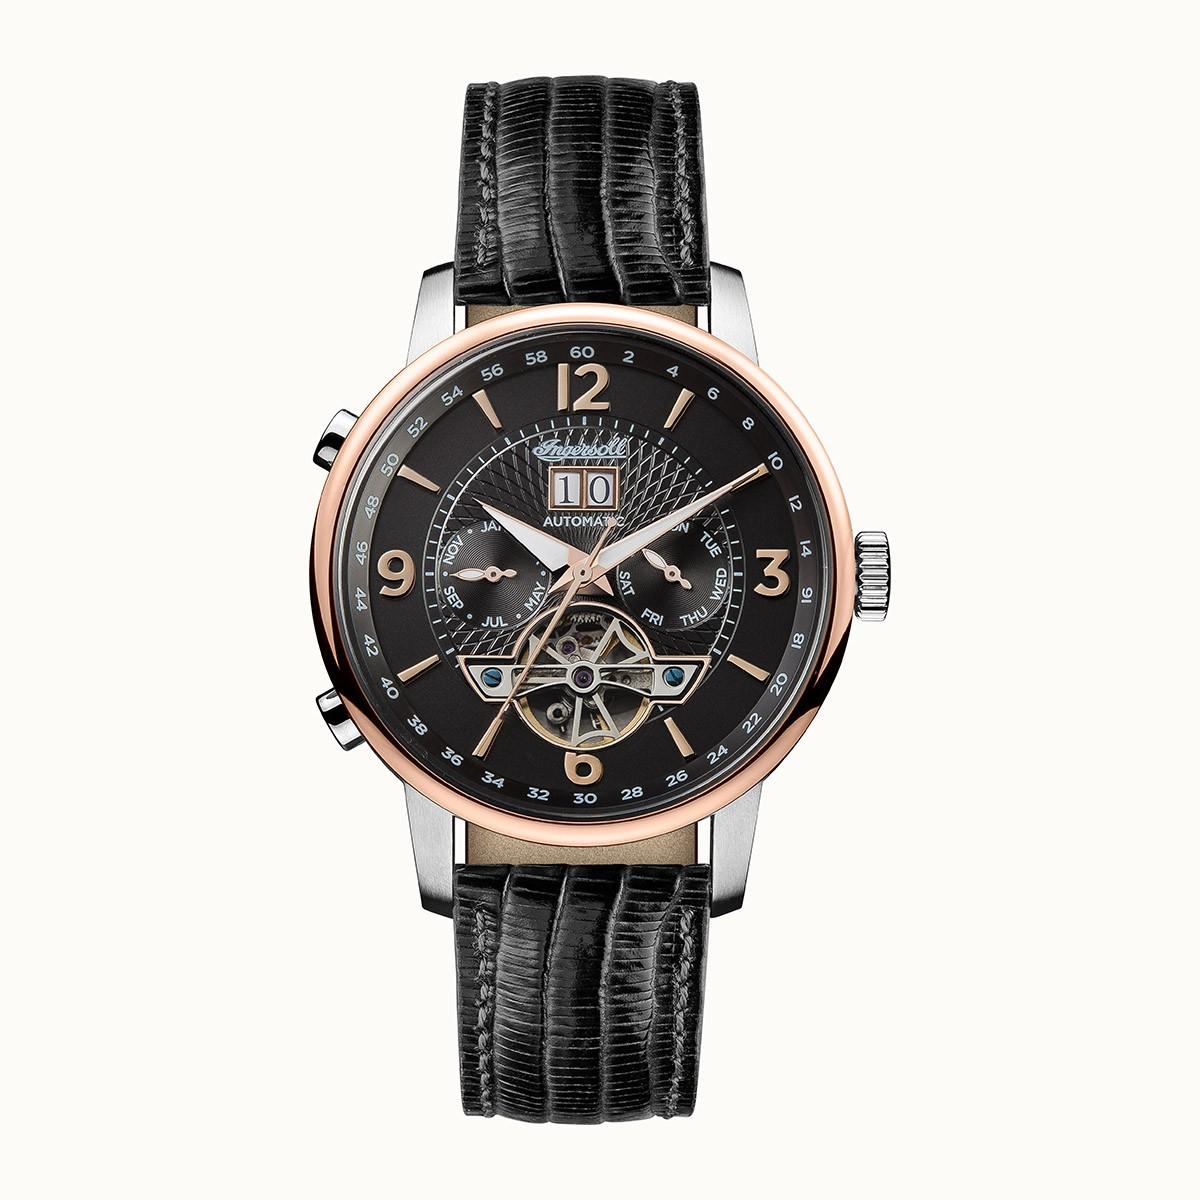 ساعت مچی عقربه ای مردانه اینگرسل مدل I00702 39